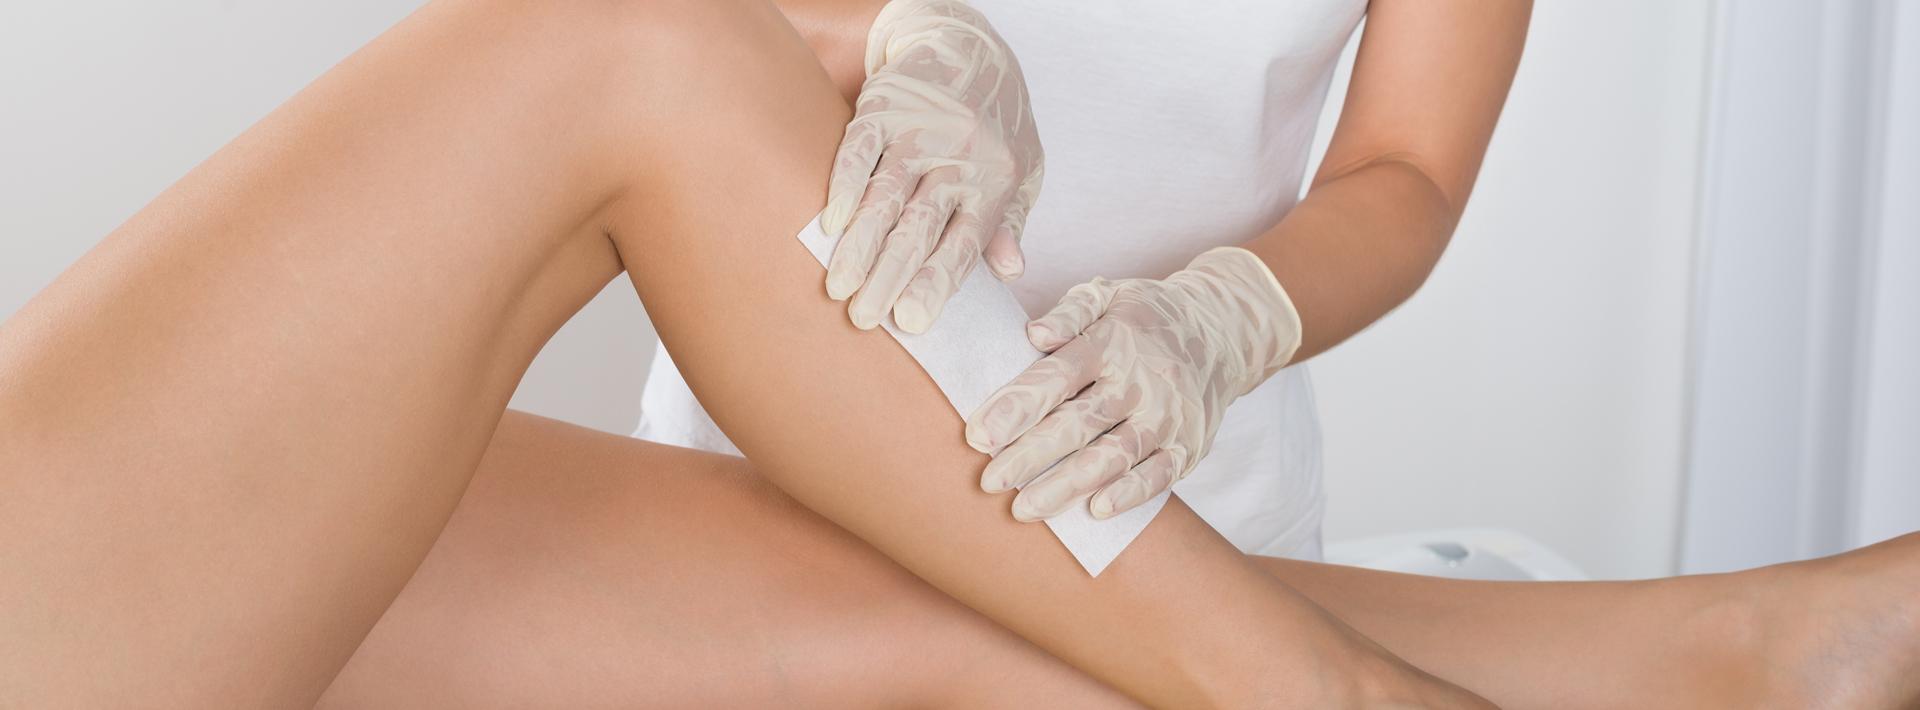 Servicios de depilaci�n - Back Bay Skincare & Spa